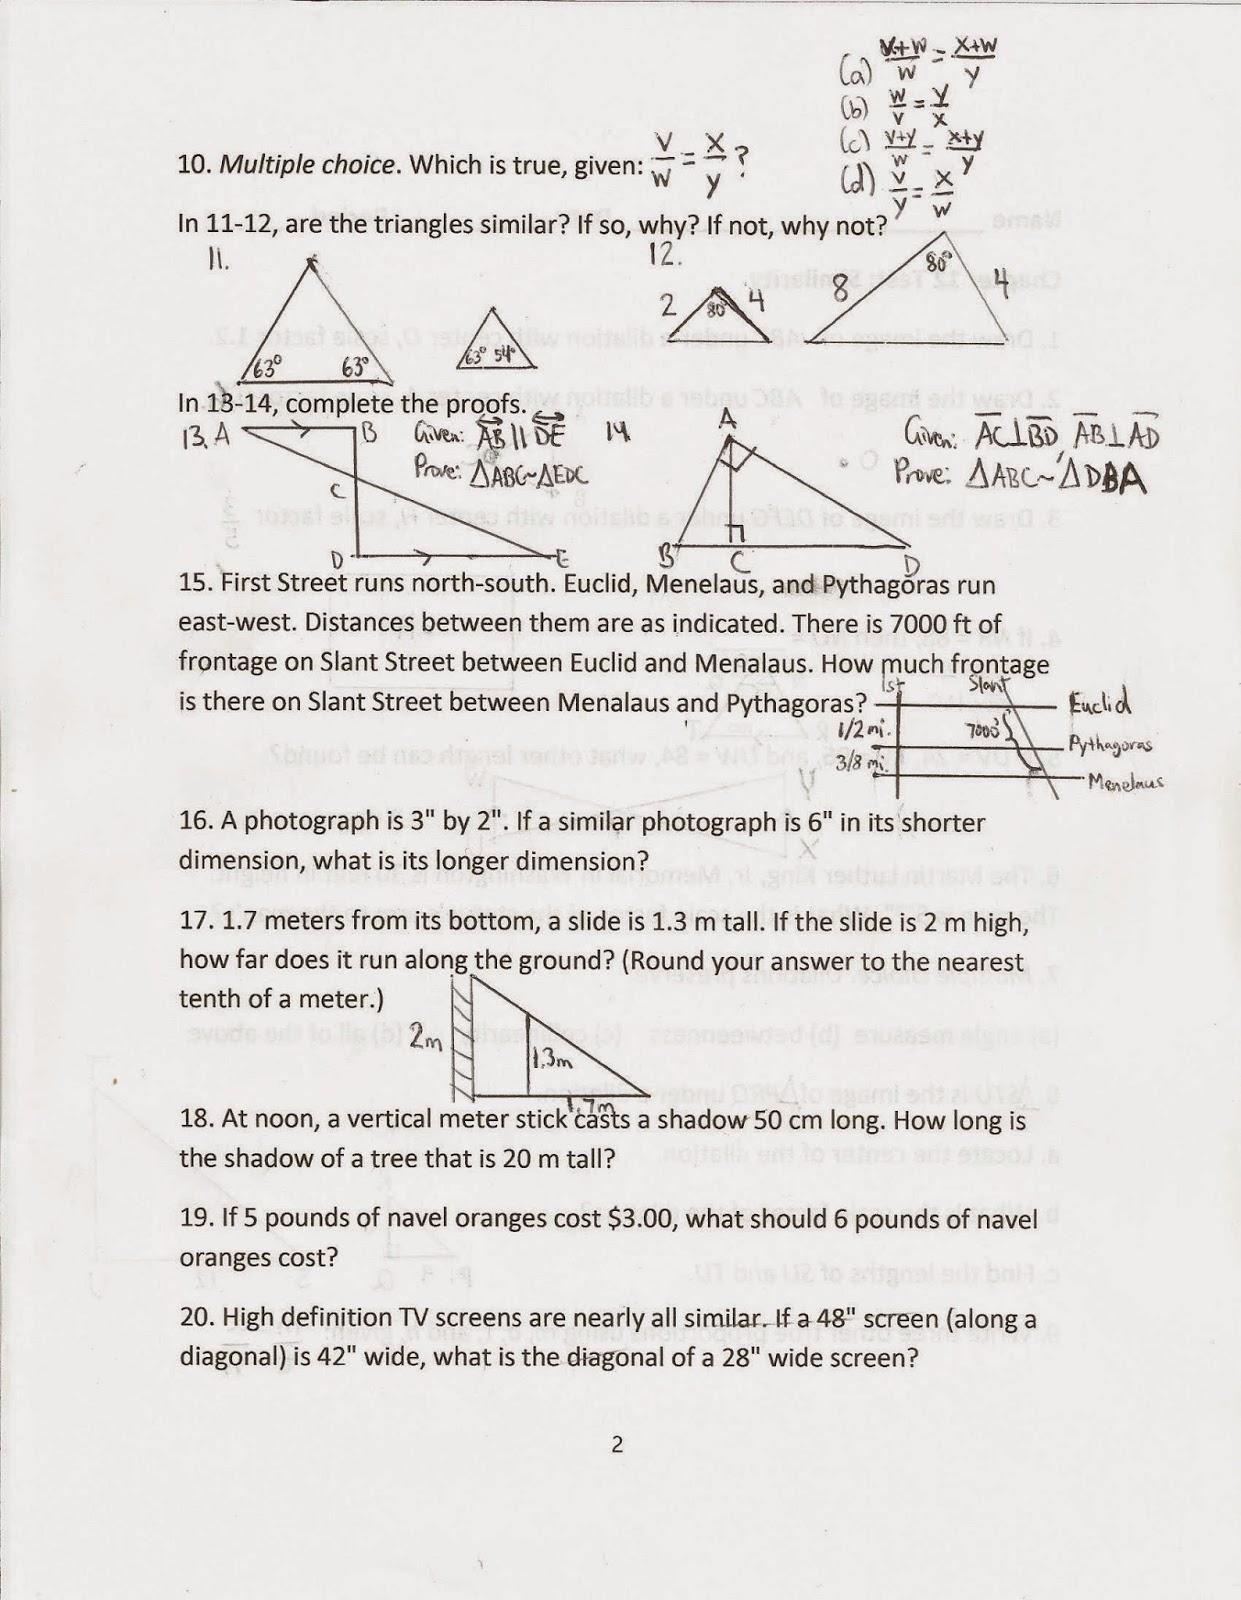 Common Core Geometric Shapes Worksheet